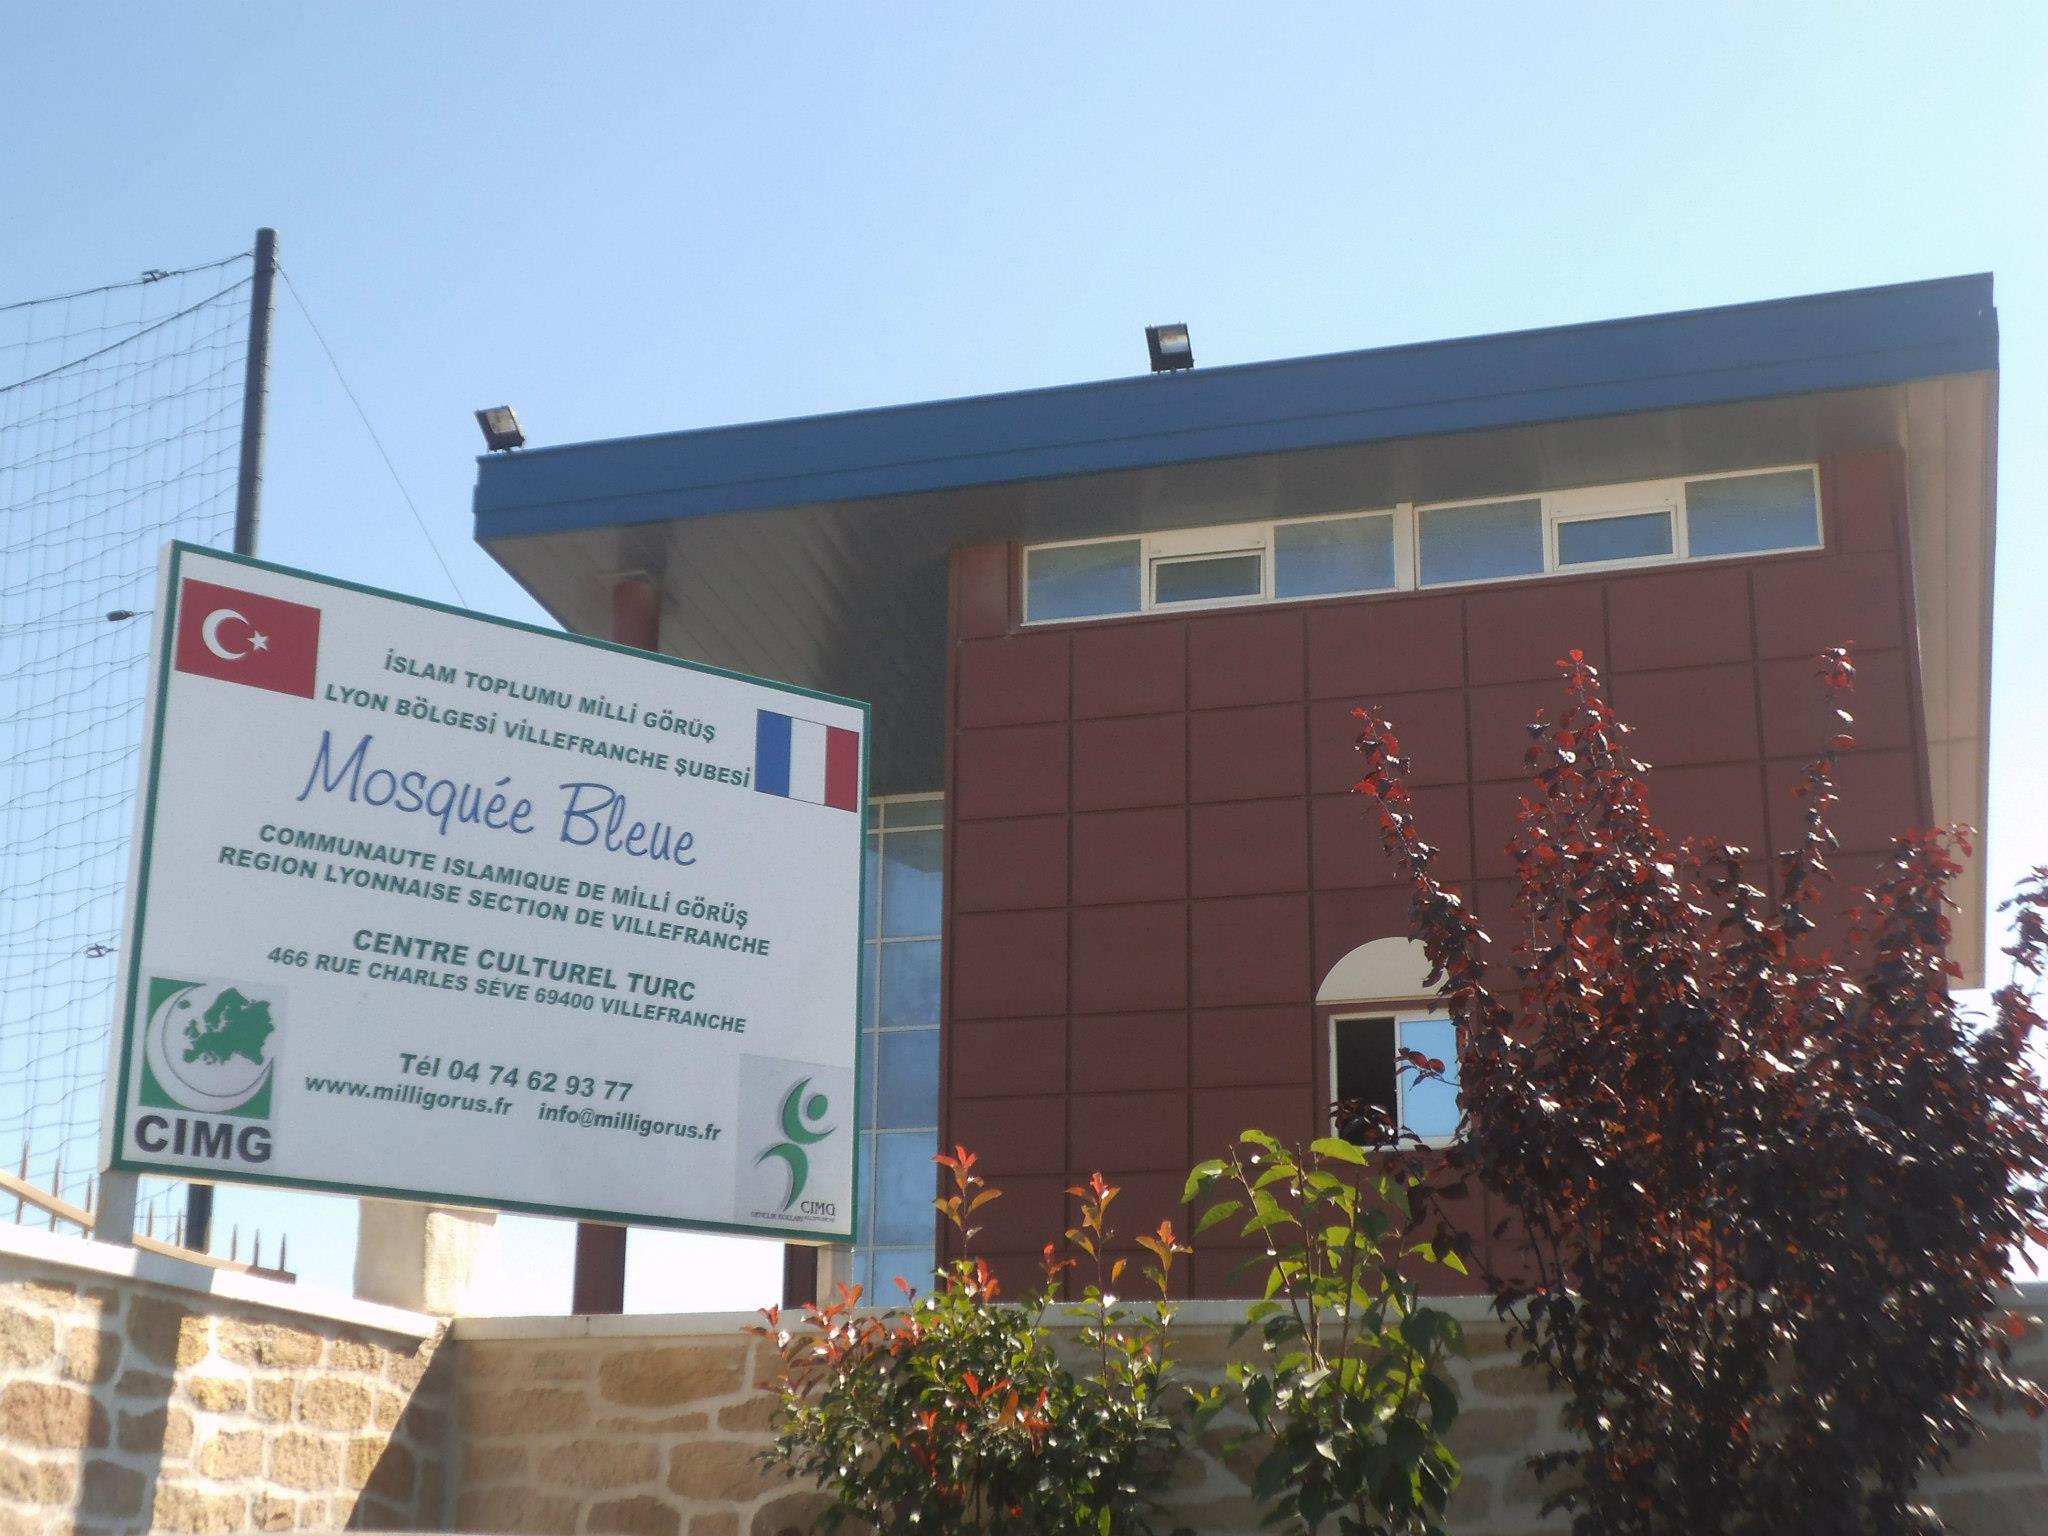 La mosquée Bleue cambriolée